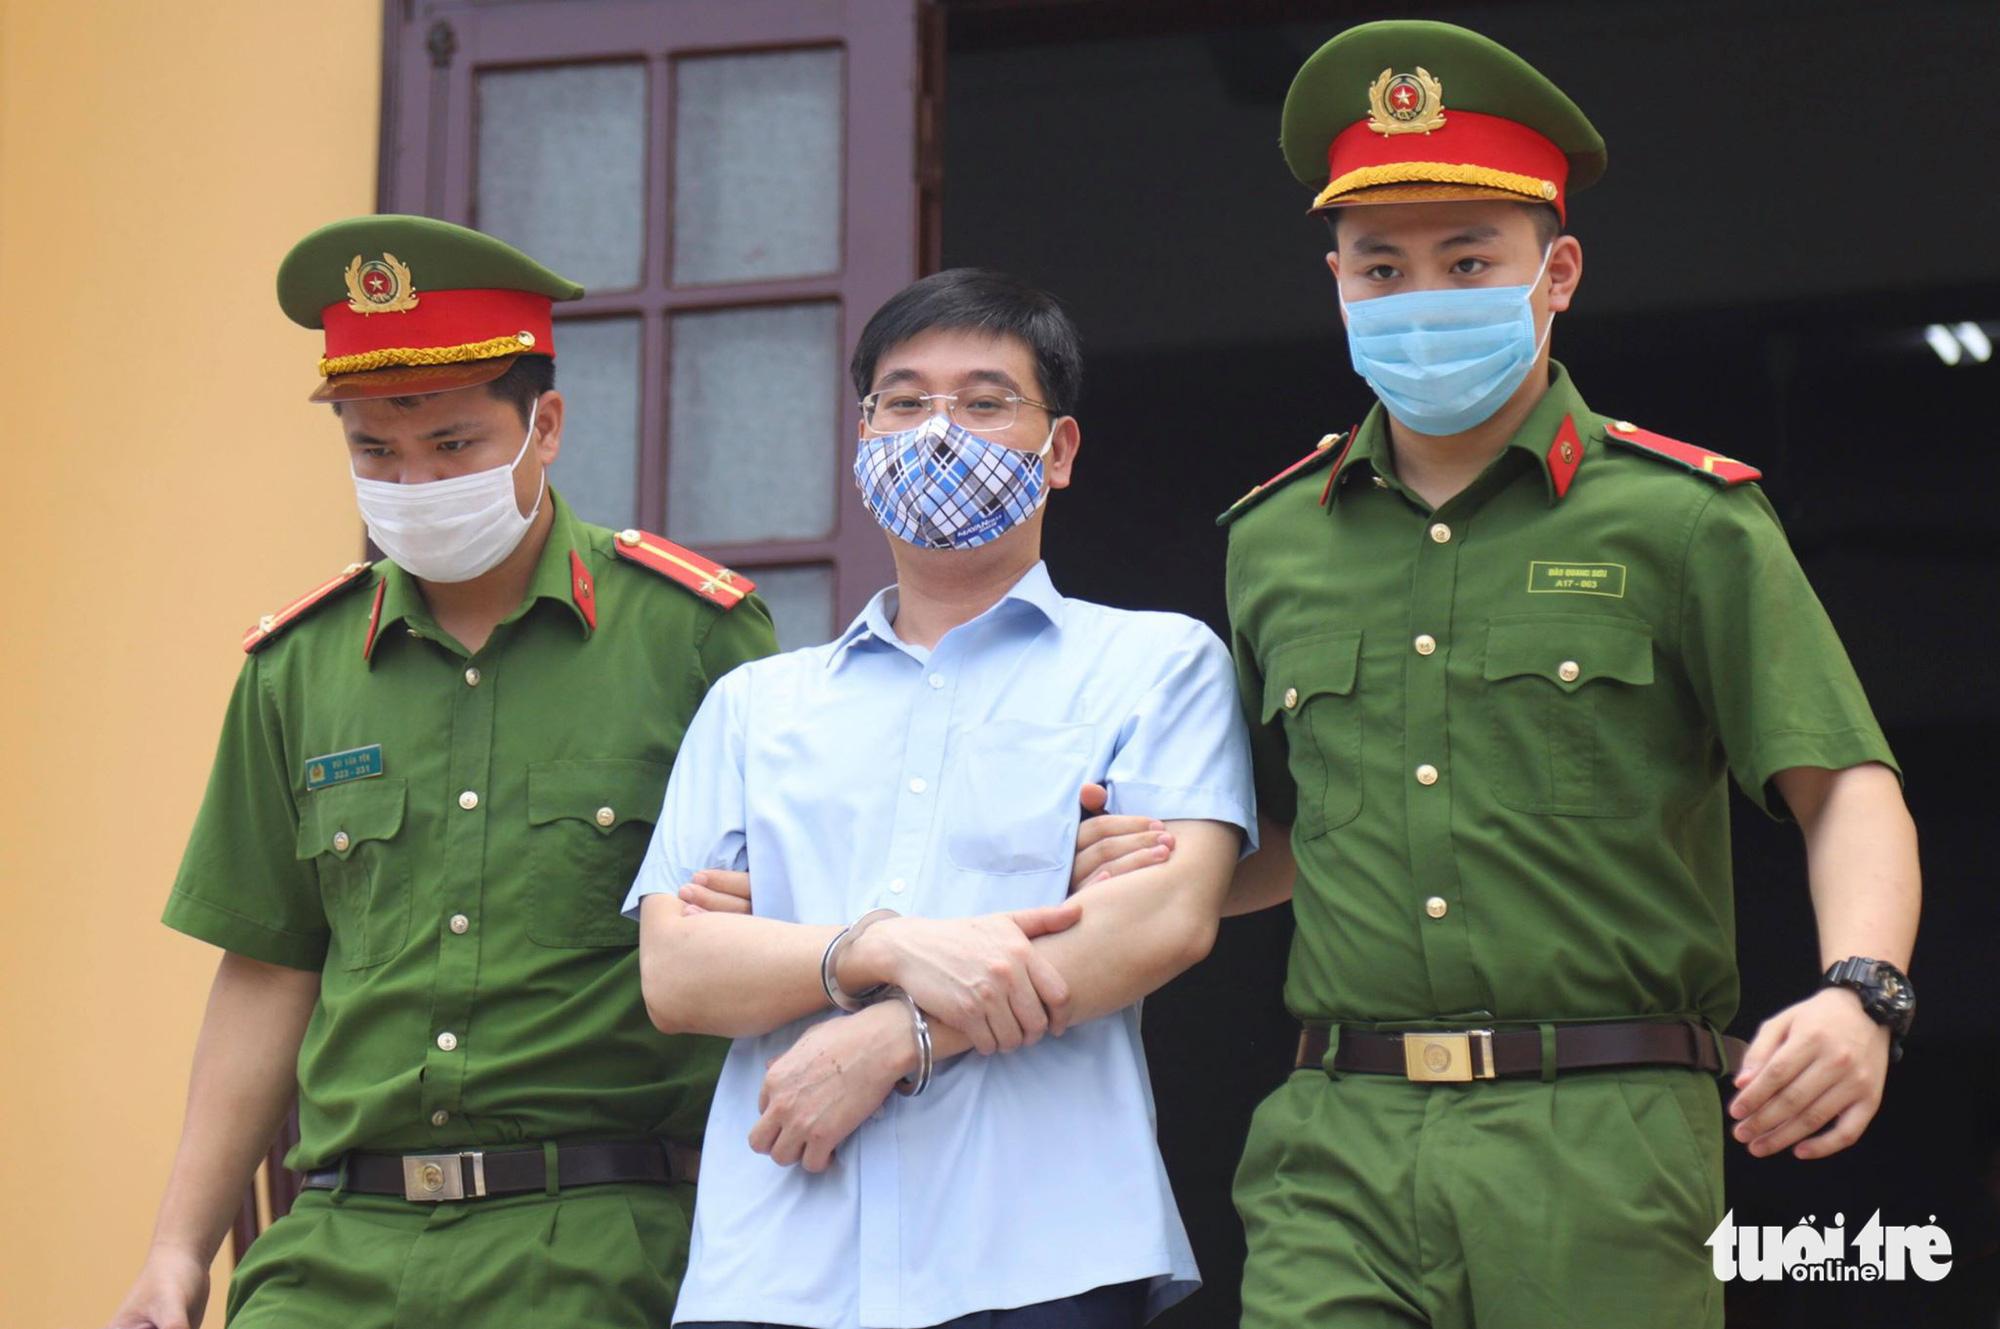 Bị cáo Khương Ngọc Chất - cựu Trưởng phòng An ninh chính trị nội bộ Công an Hòa Bình, rời tòa. (Ảnh qua tuoitre)